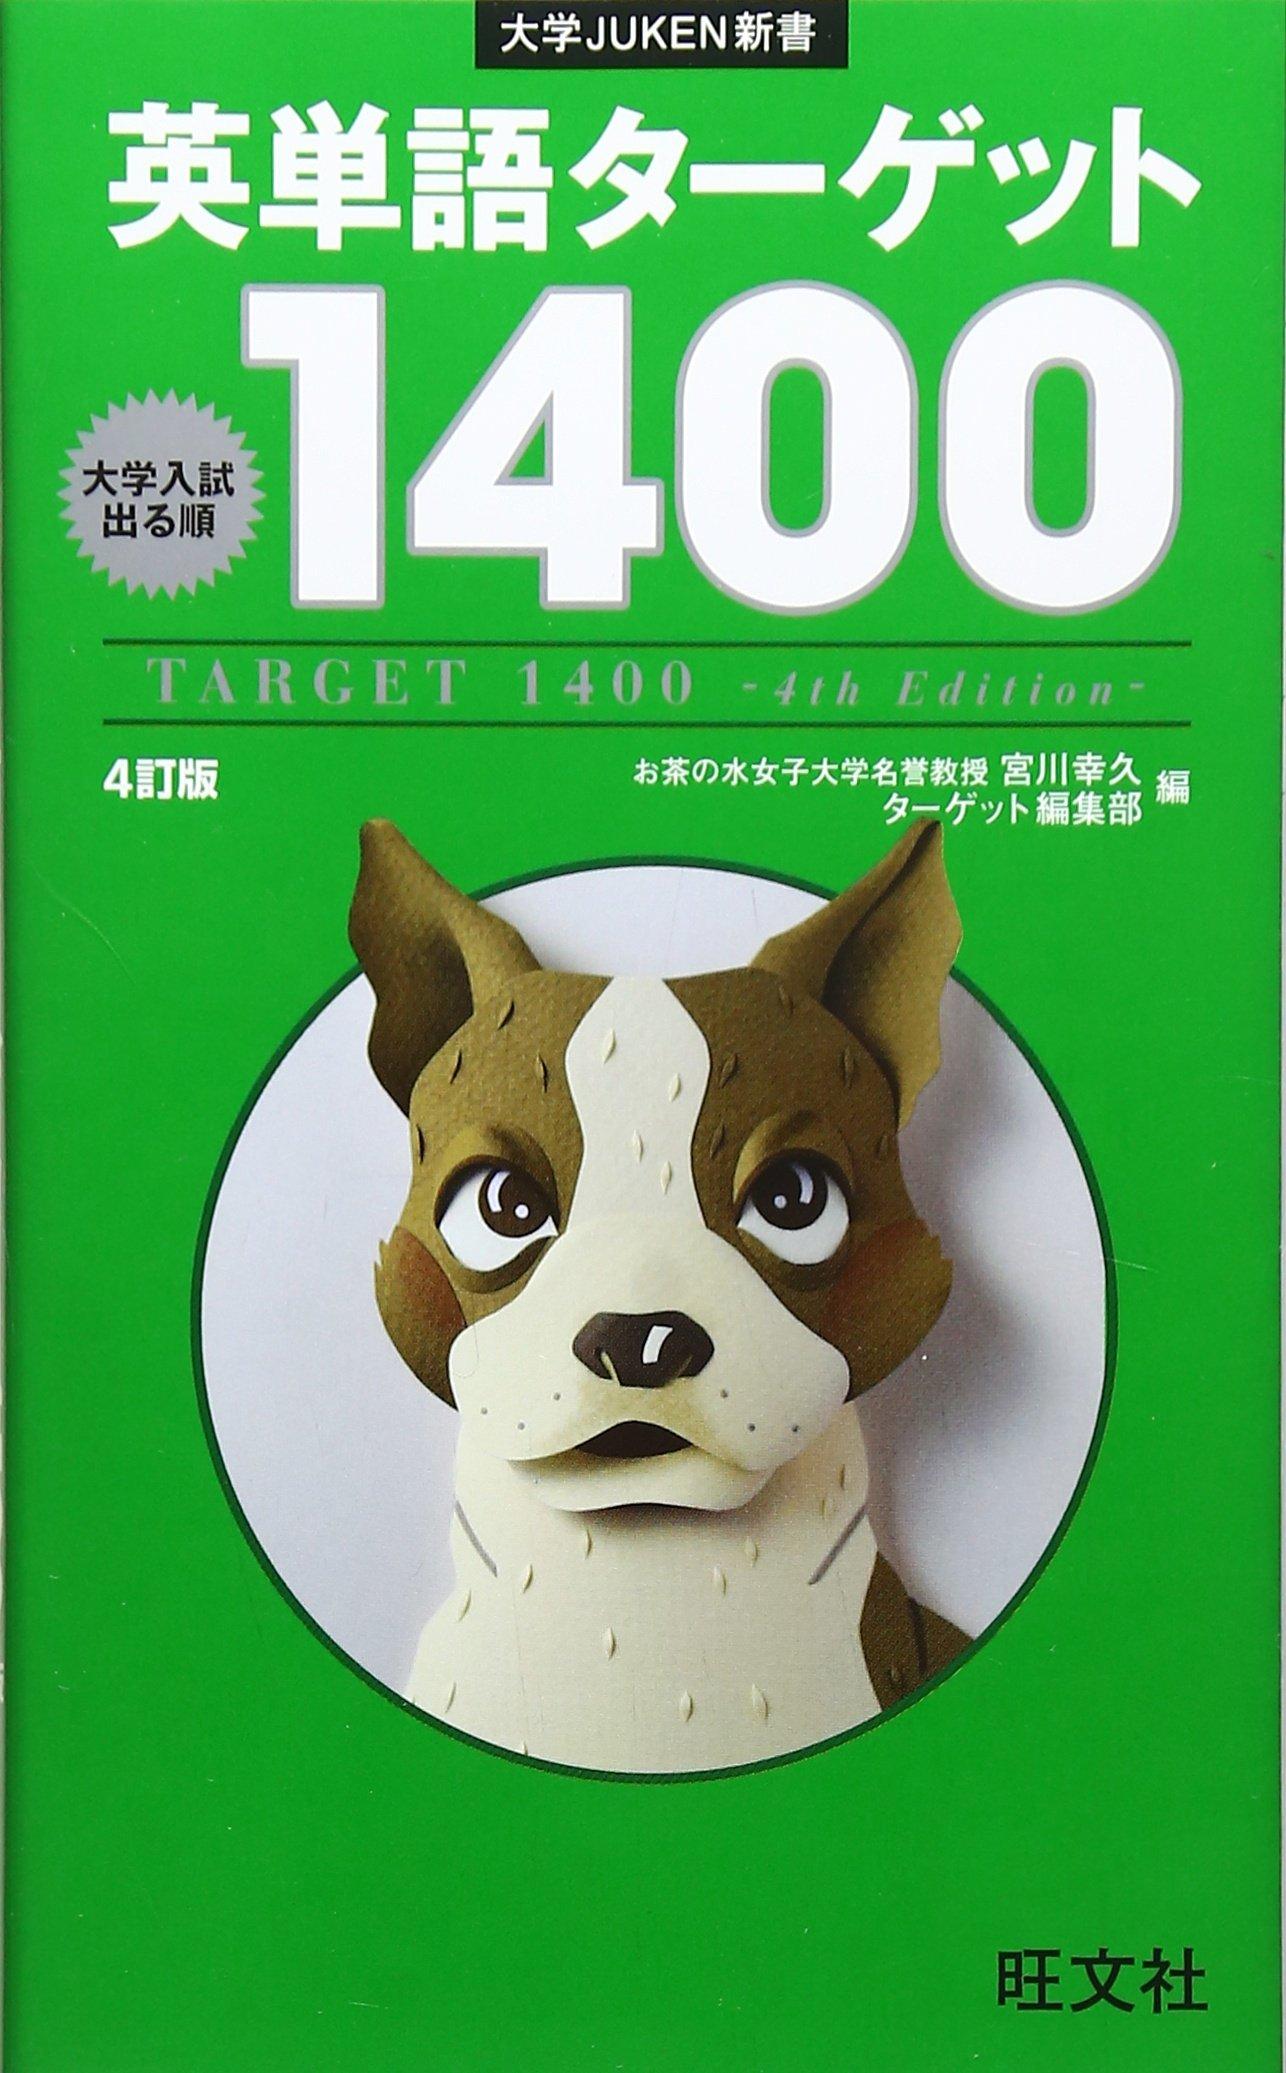 ターゲット 1400